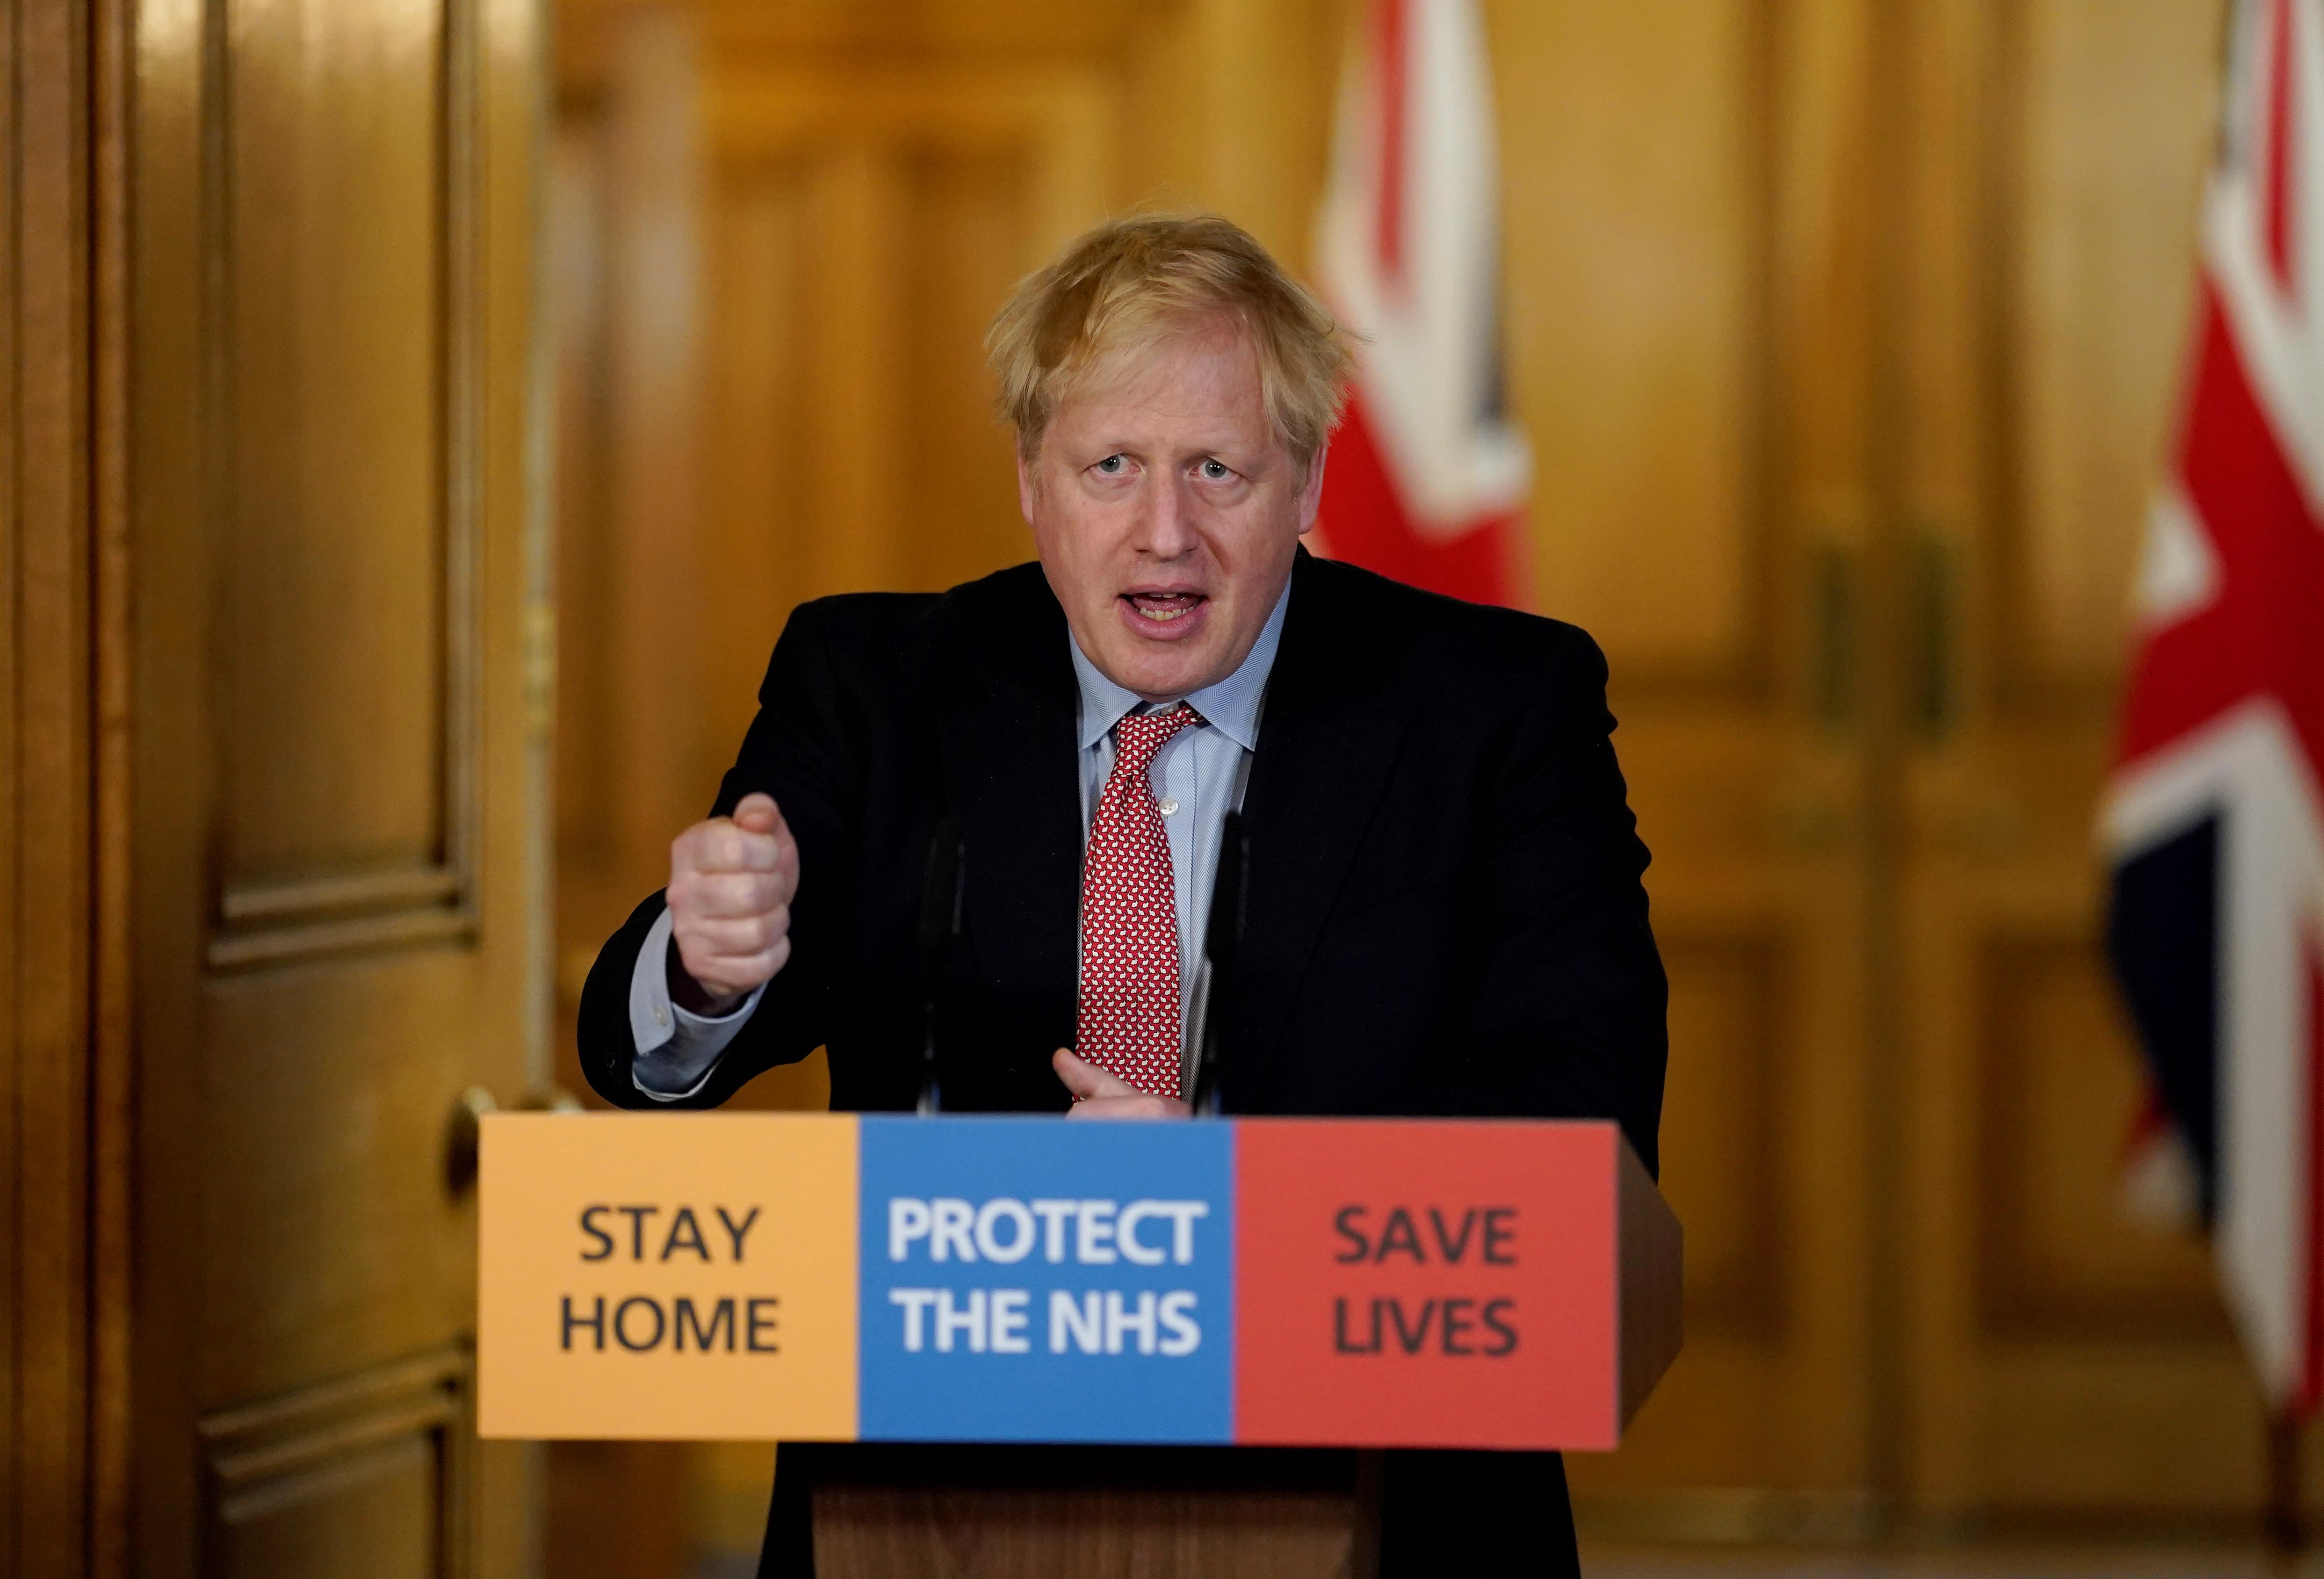 UK struggling with coronavirus tests amid global shortage